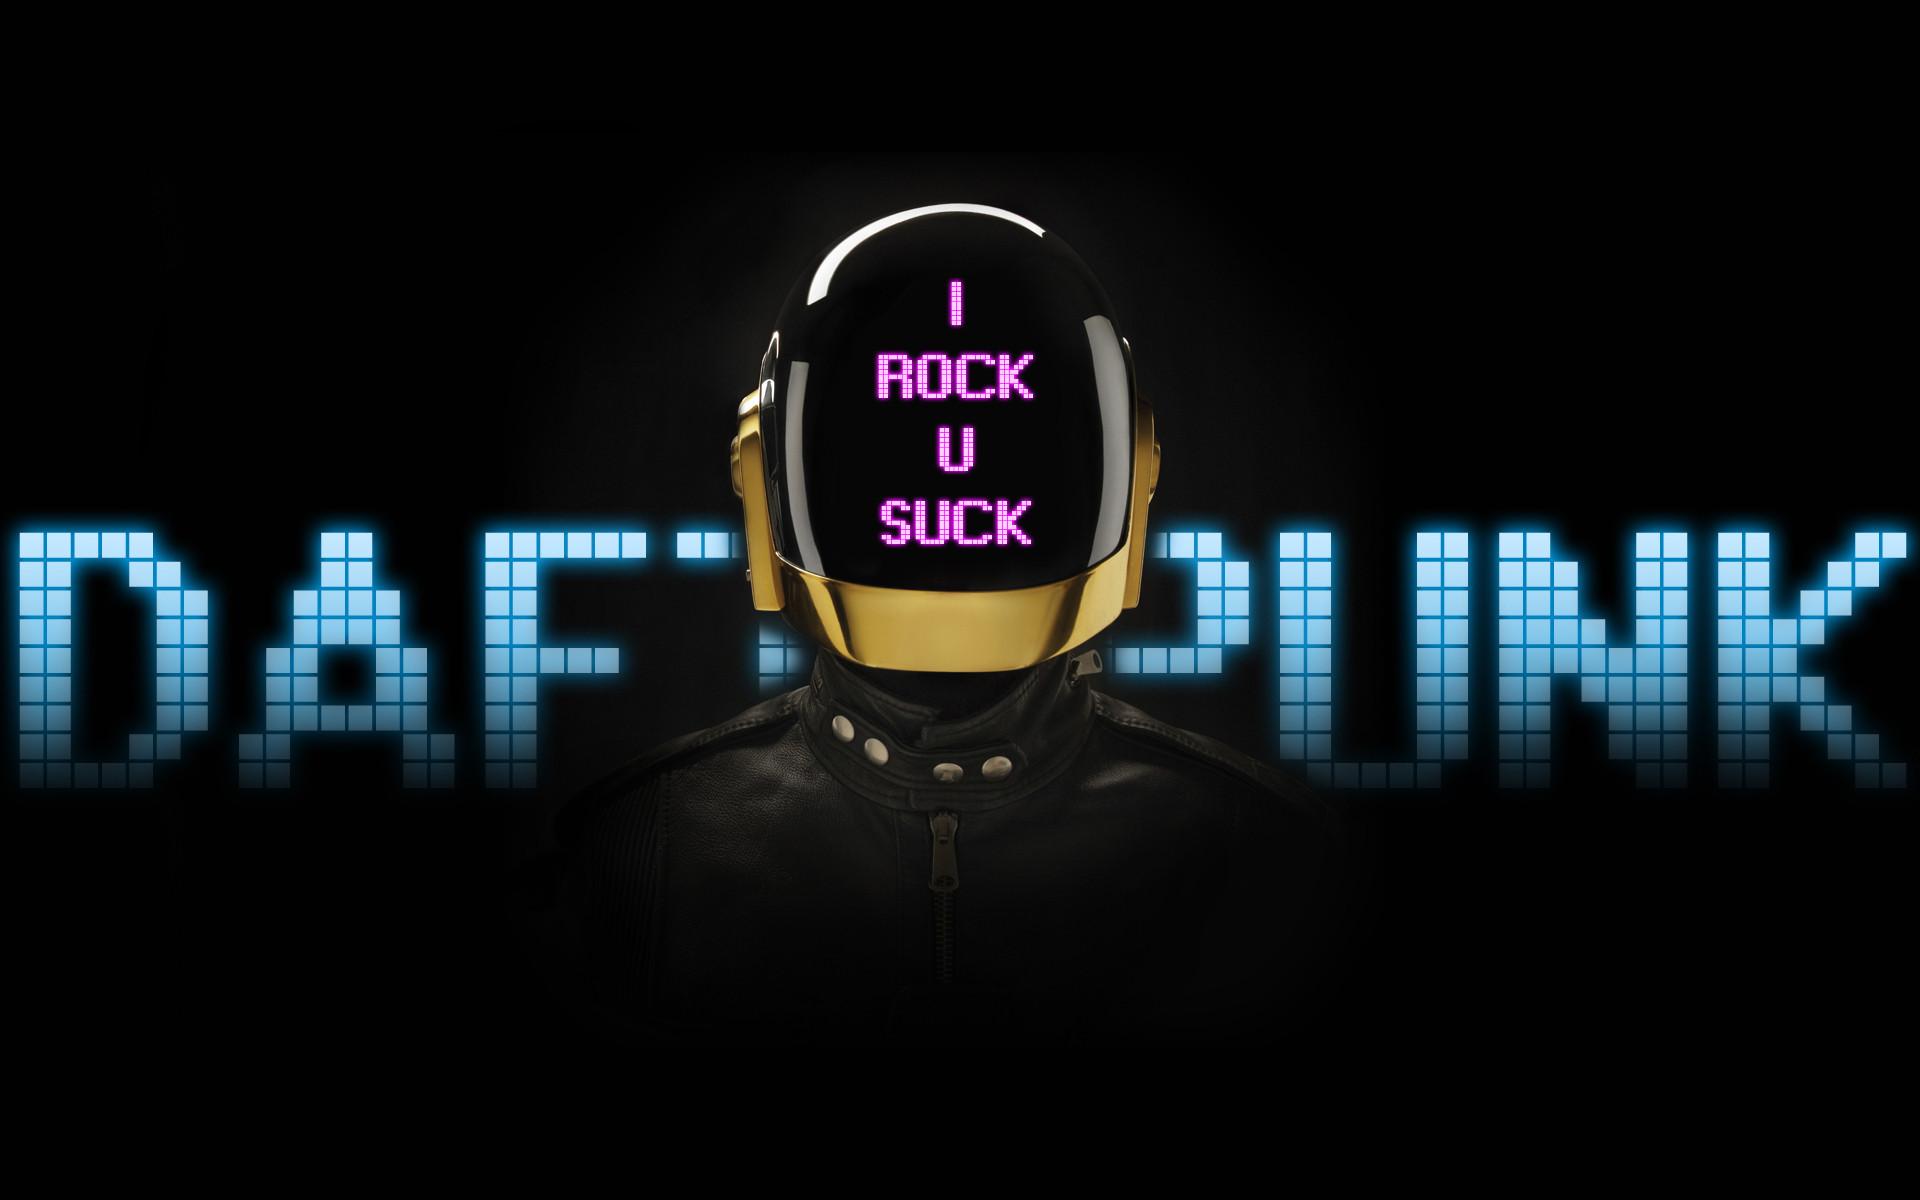 I Rock U Suck – Daft Punk